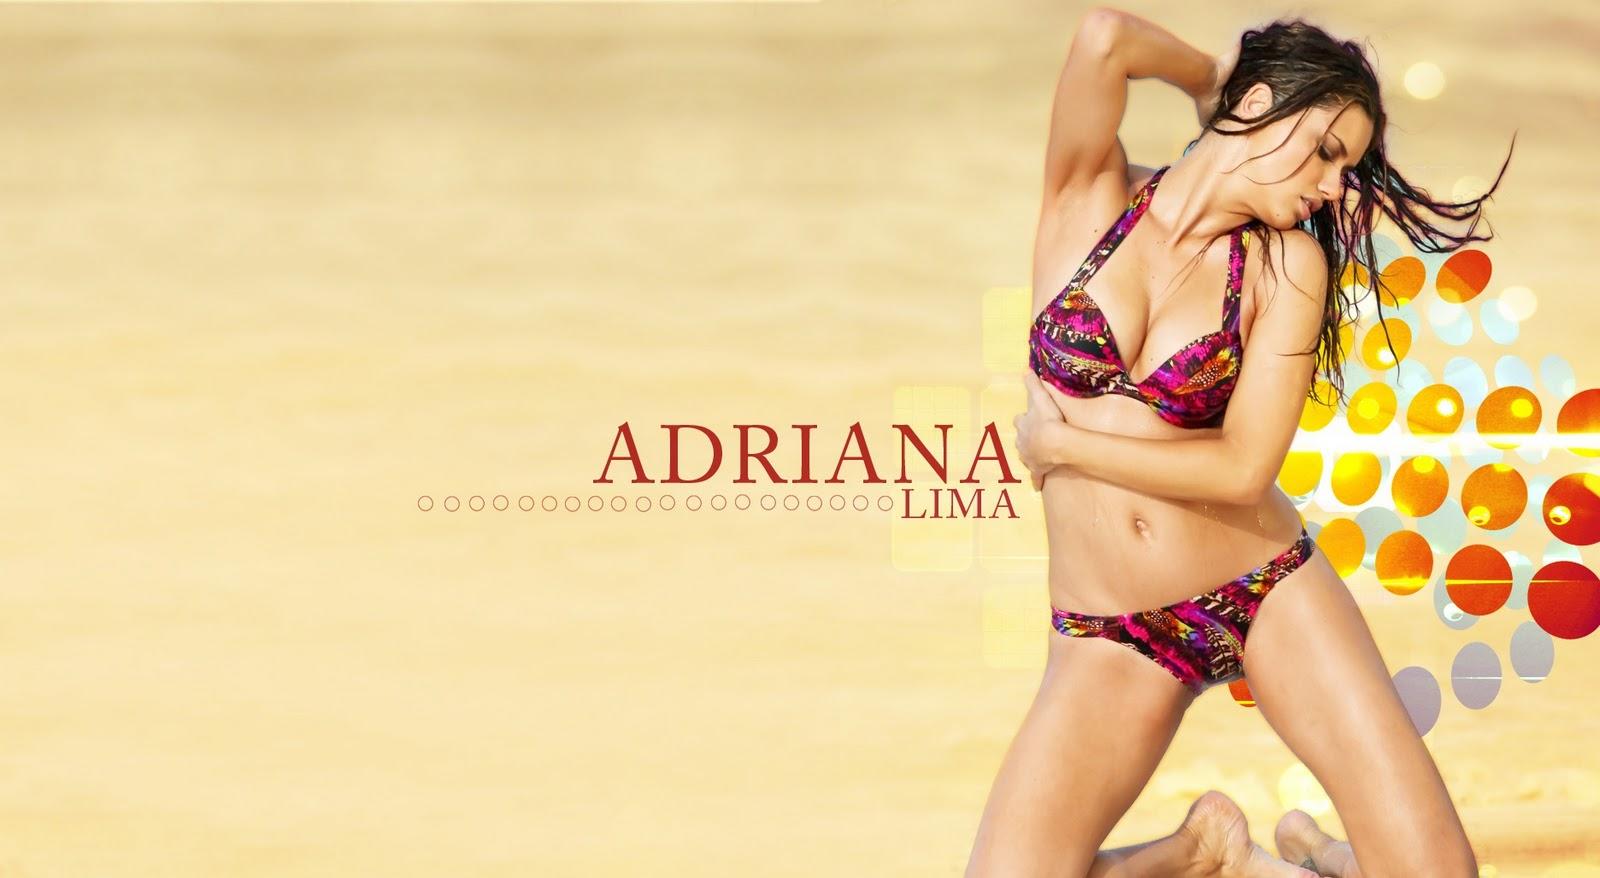 adriana lima s hot wallpaper